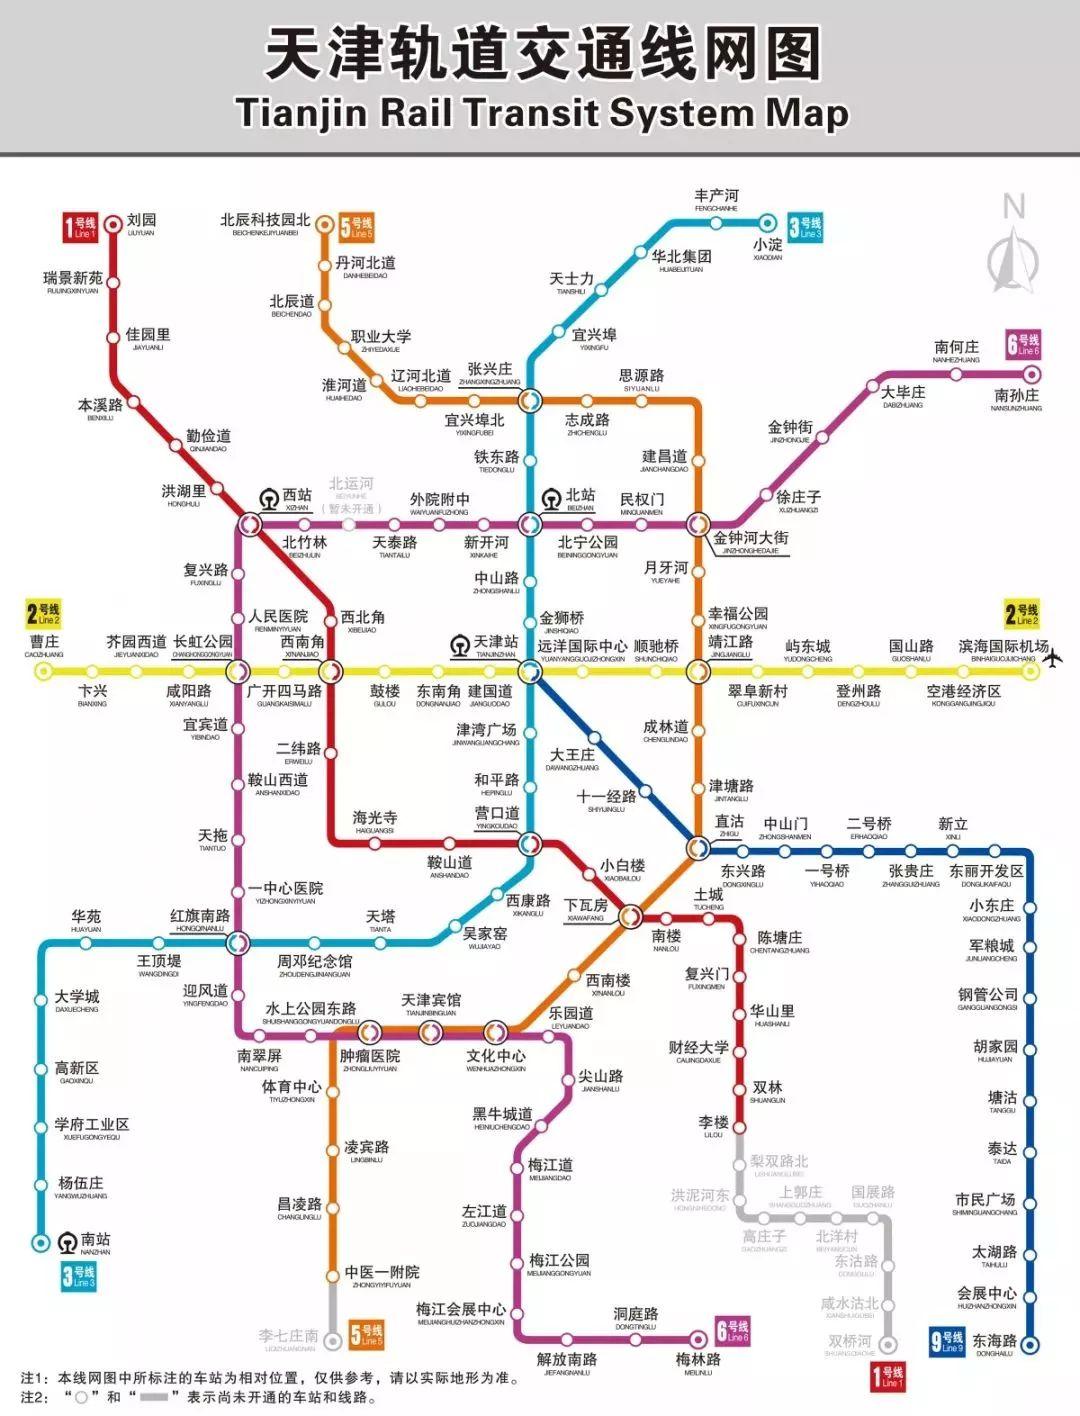 k8165火车座位分布图